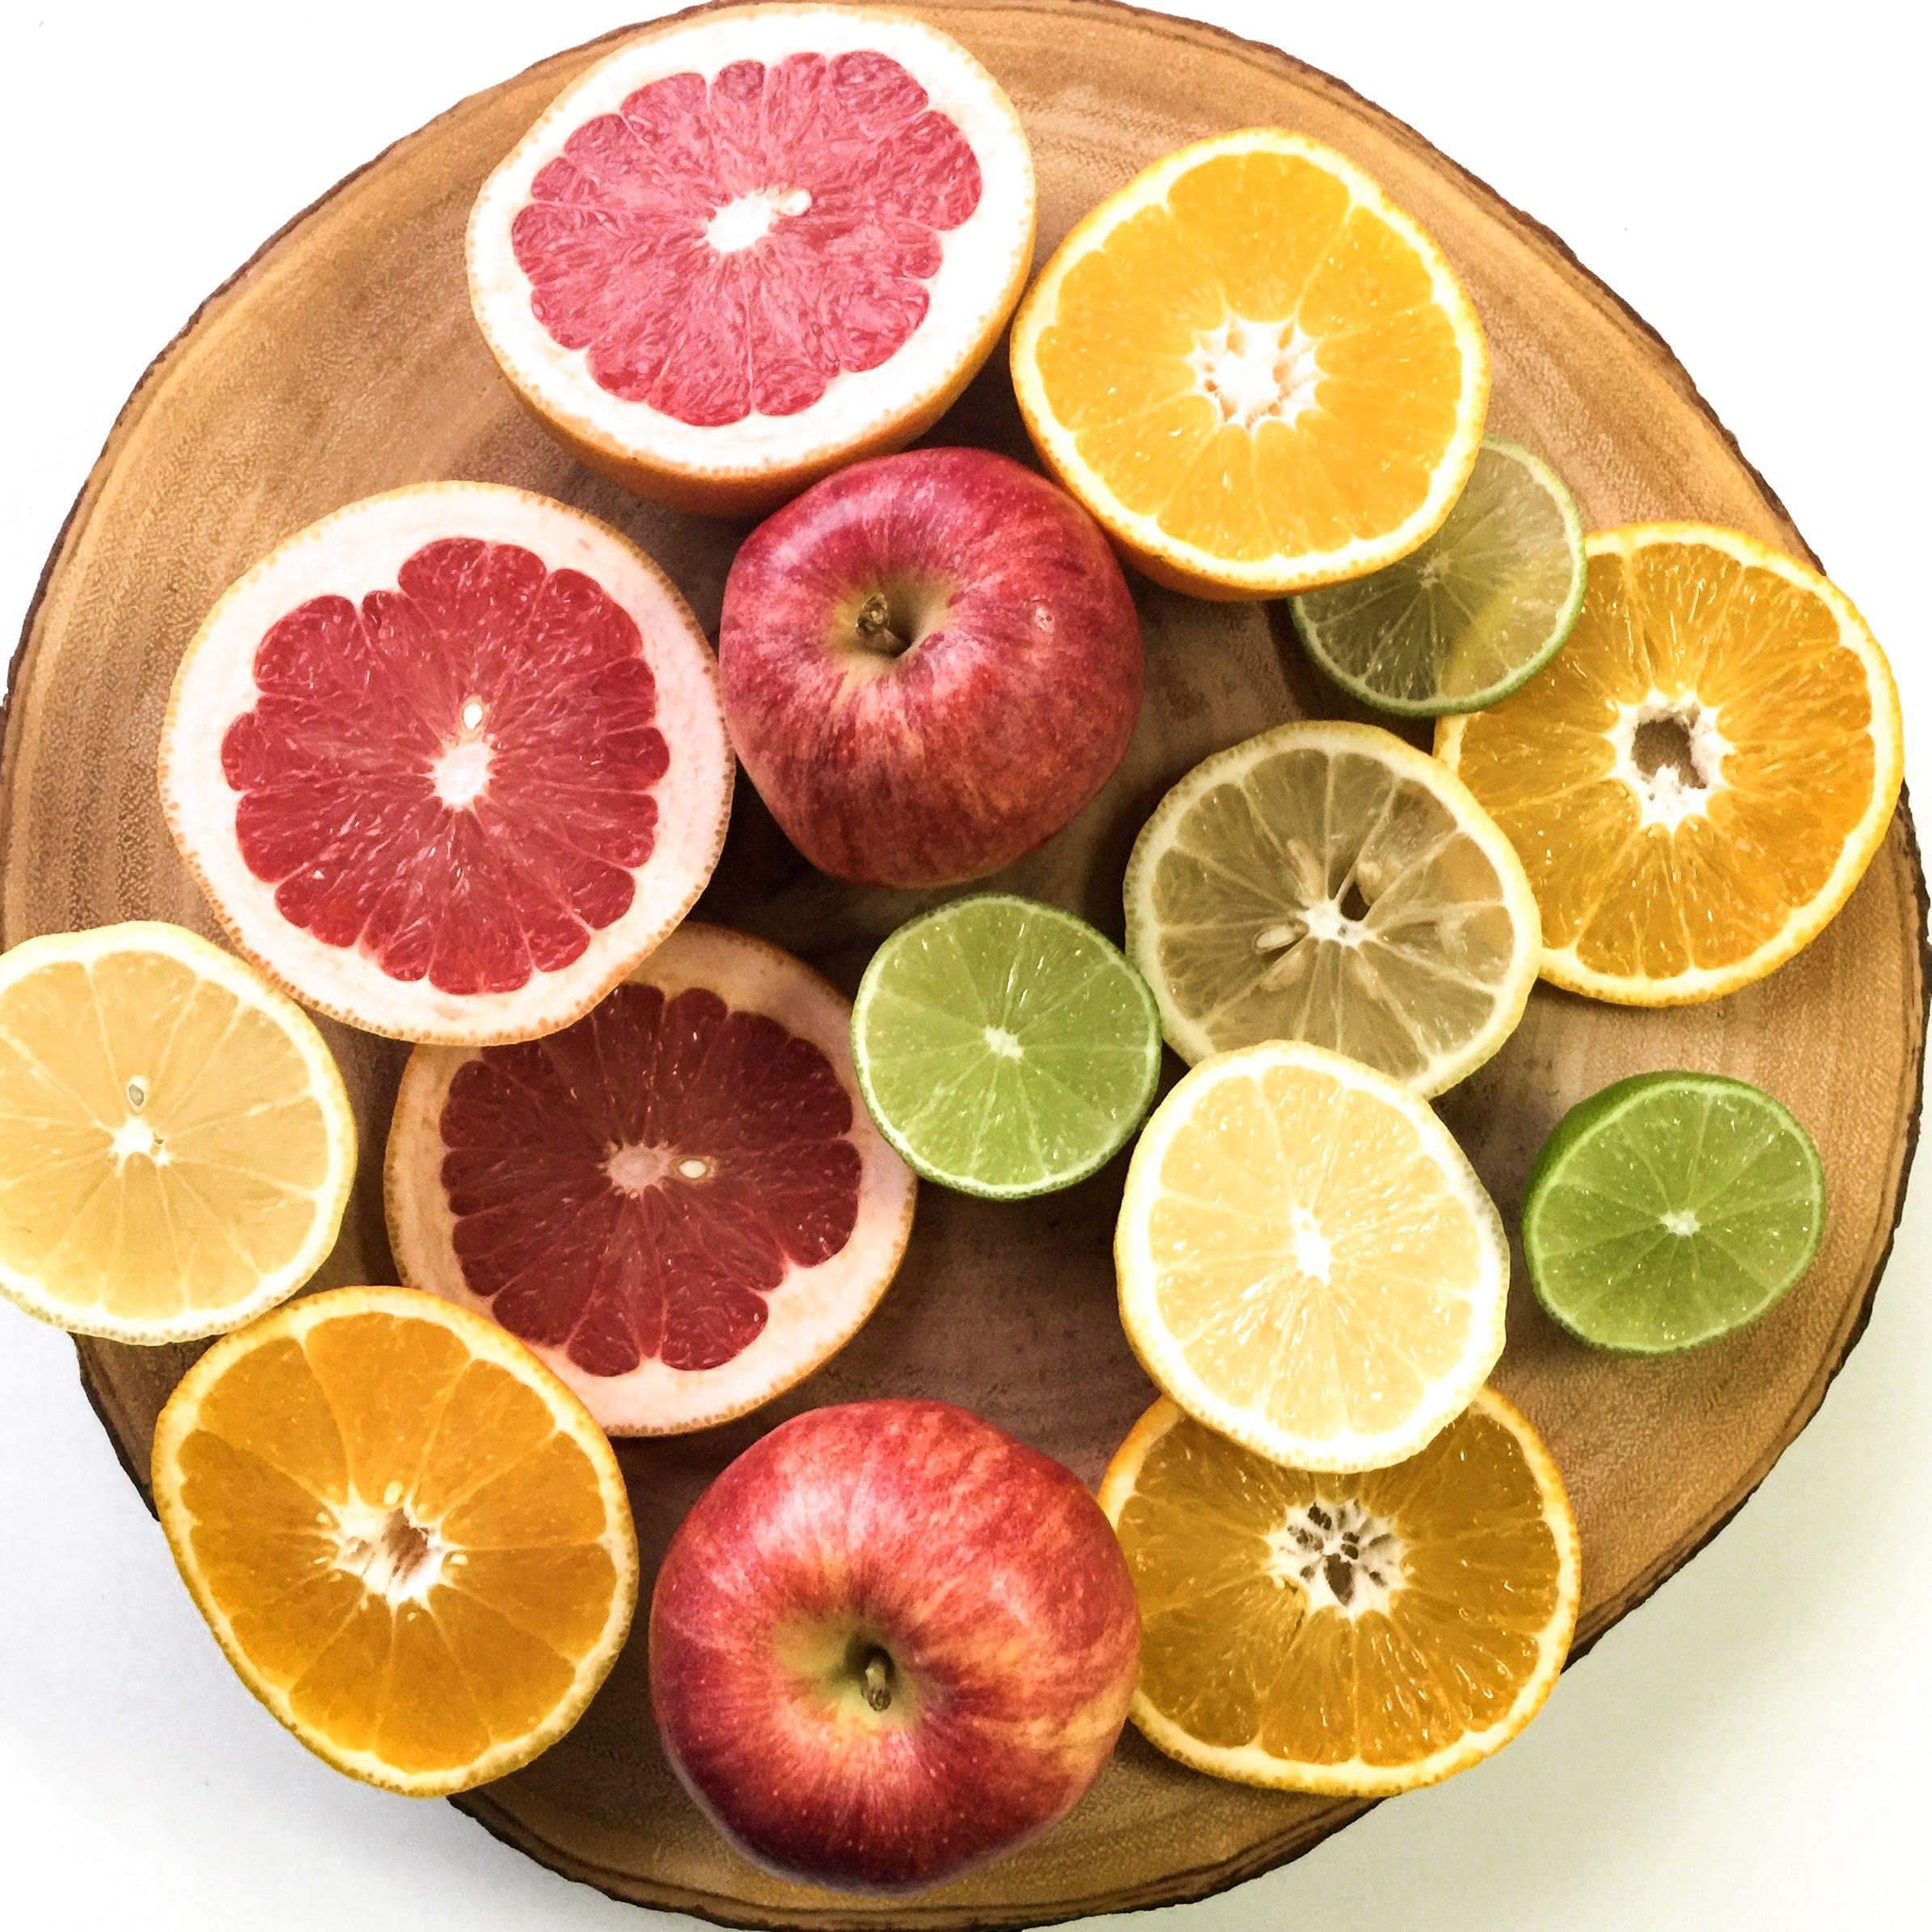 Foto stok gratis apel, berair, buah jeruk, Buah sitrus